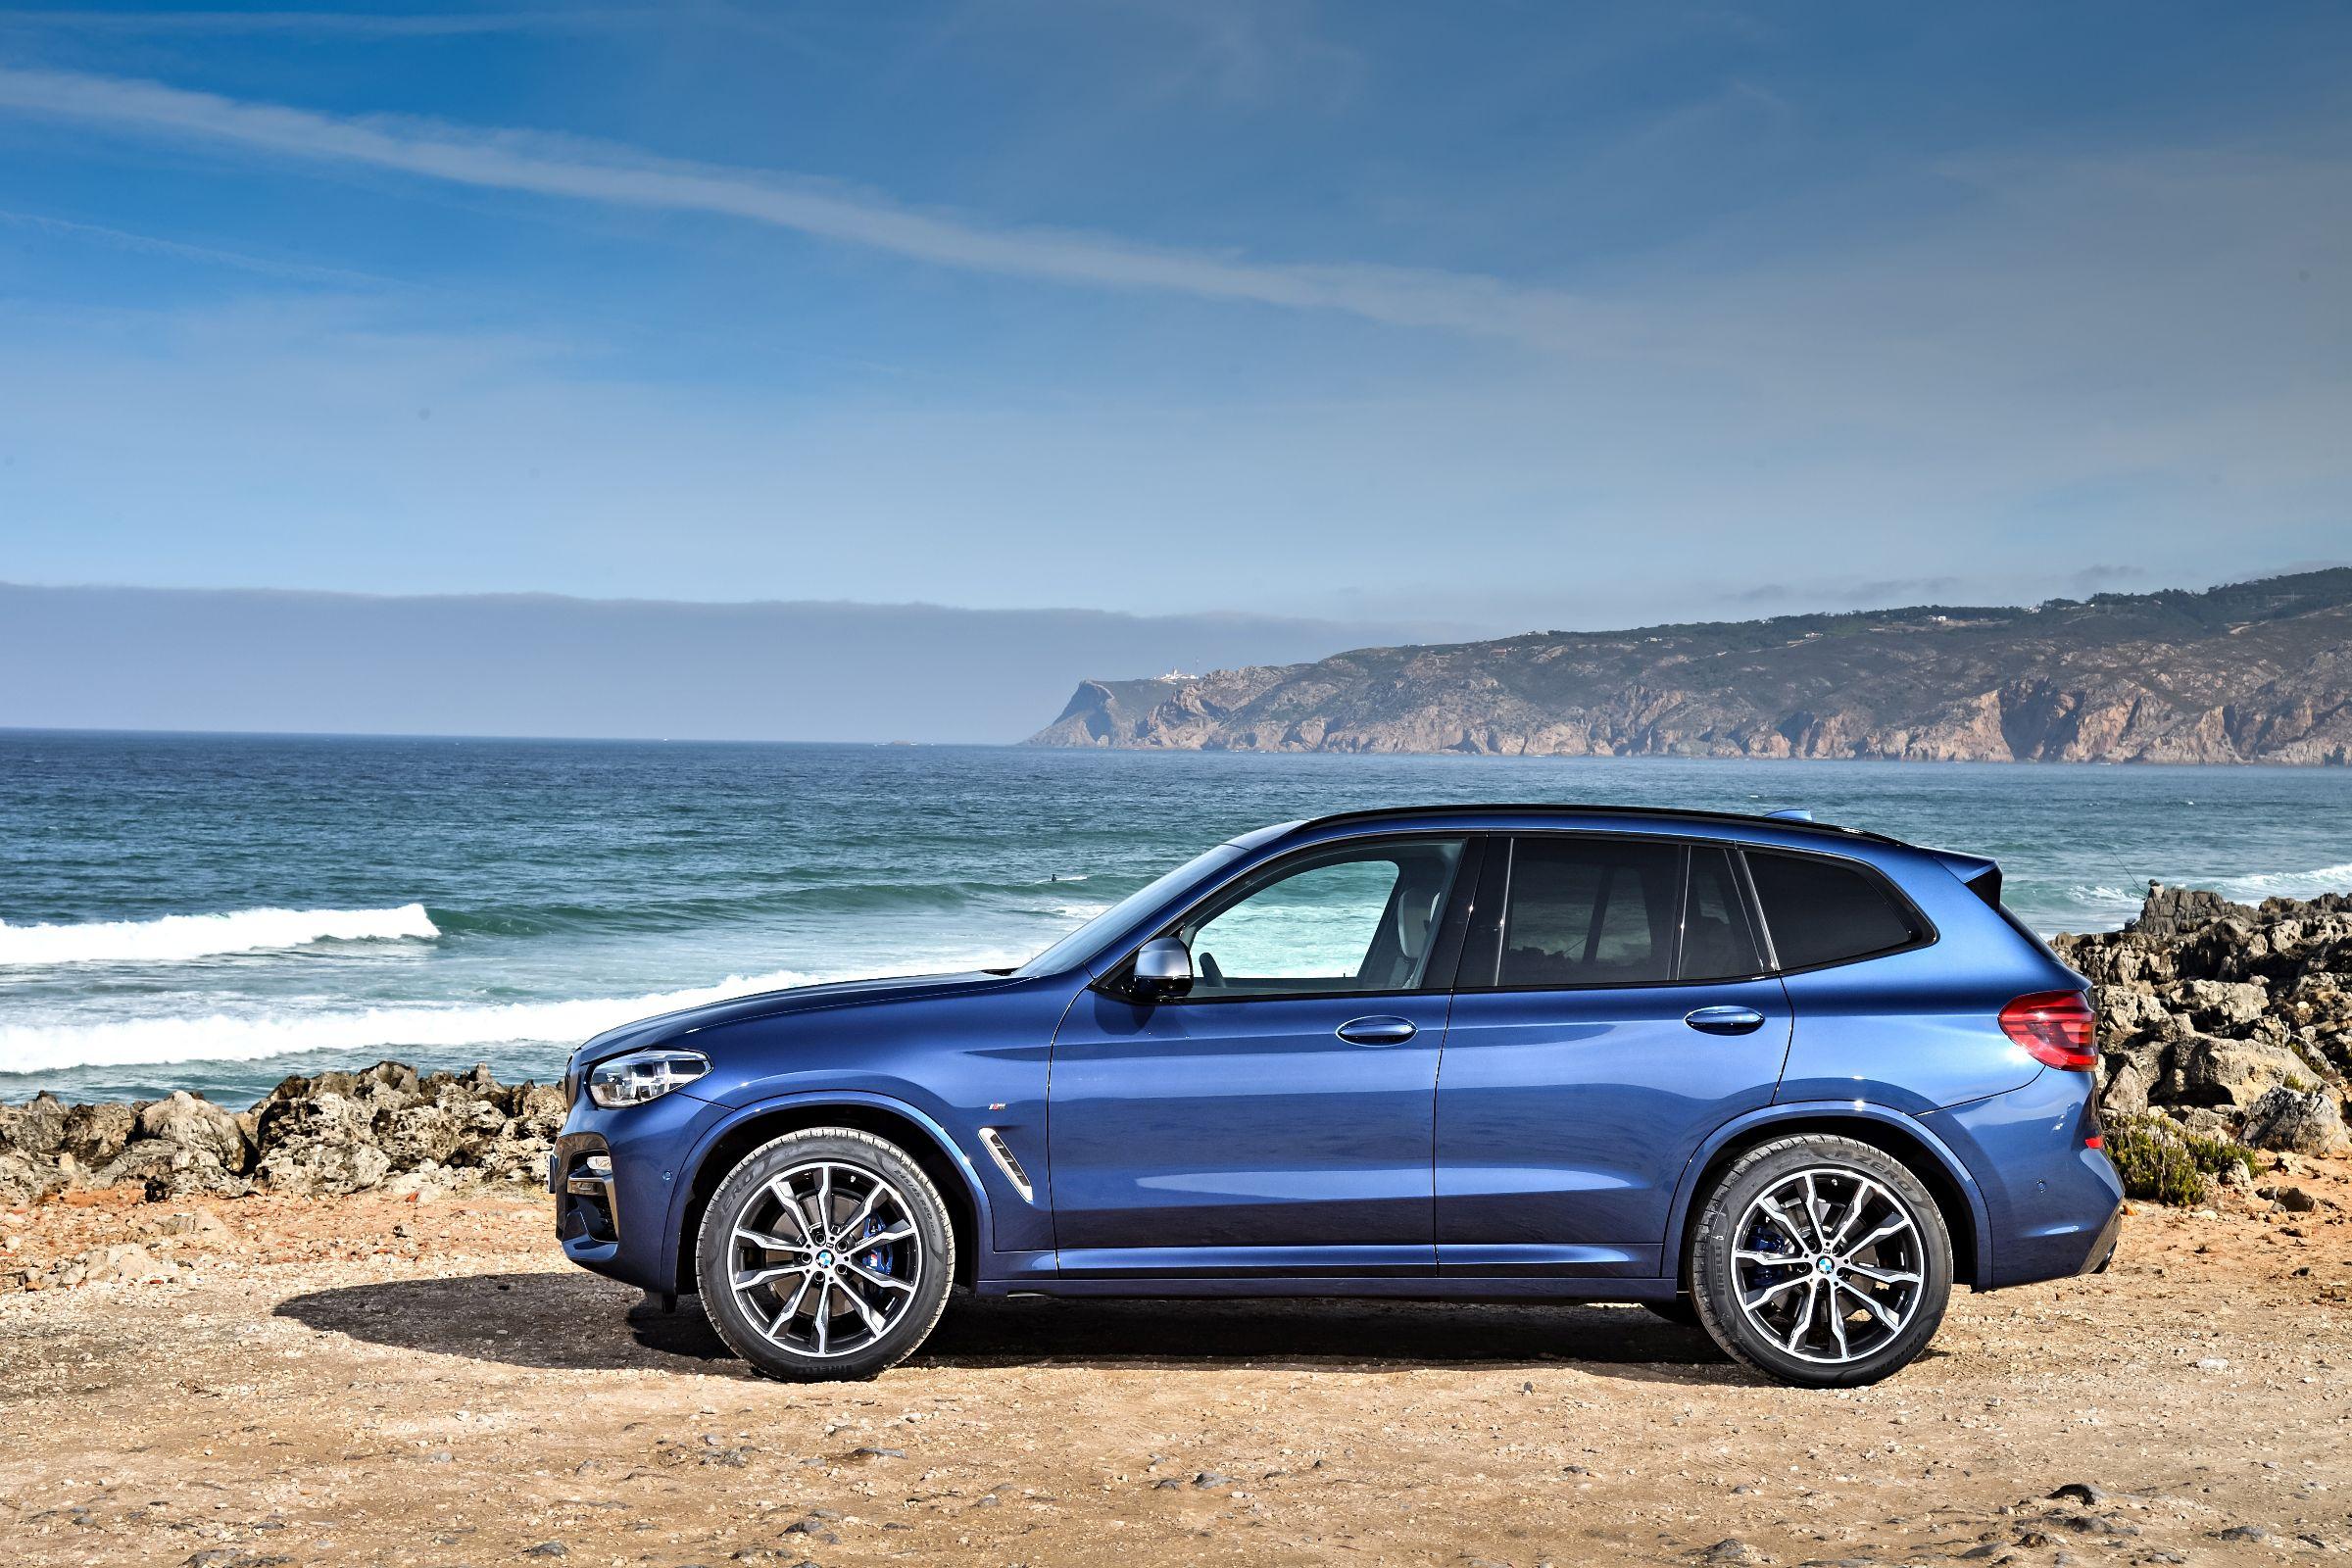 Nova BMW X3 estreia no Brasil com pré-venda de duas versões e valores a partir de 309 mil